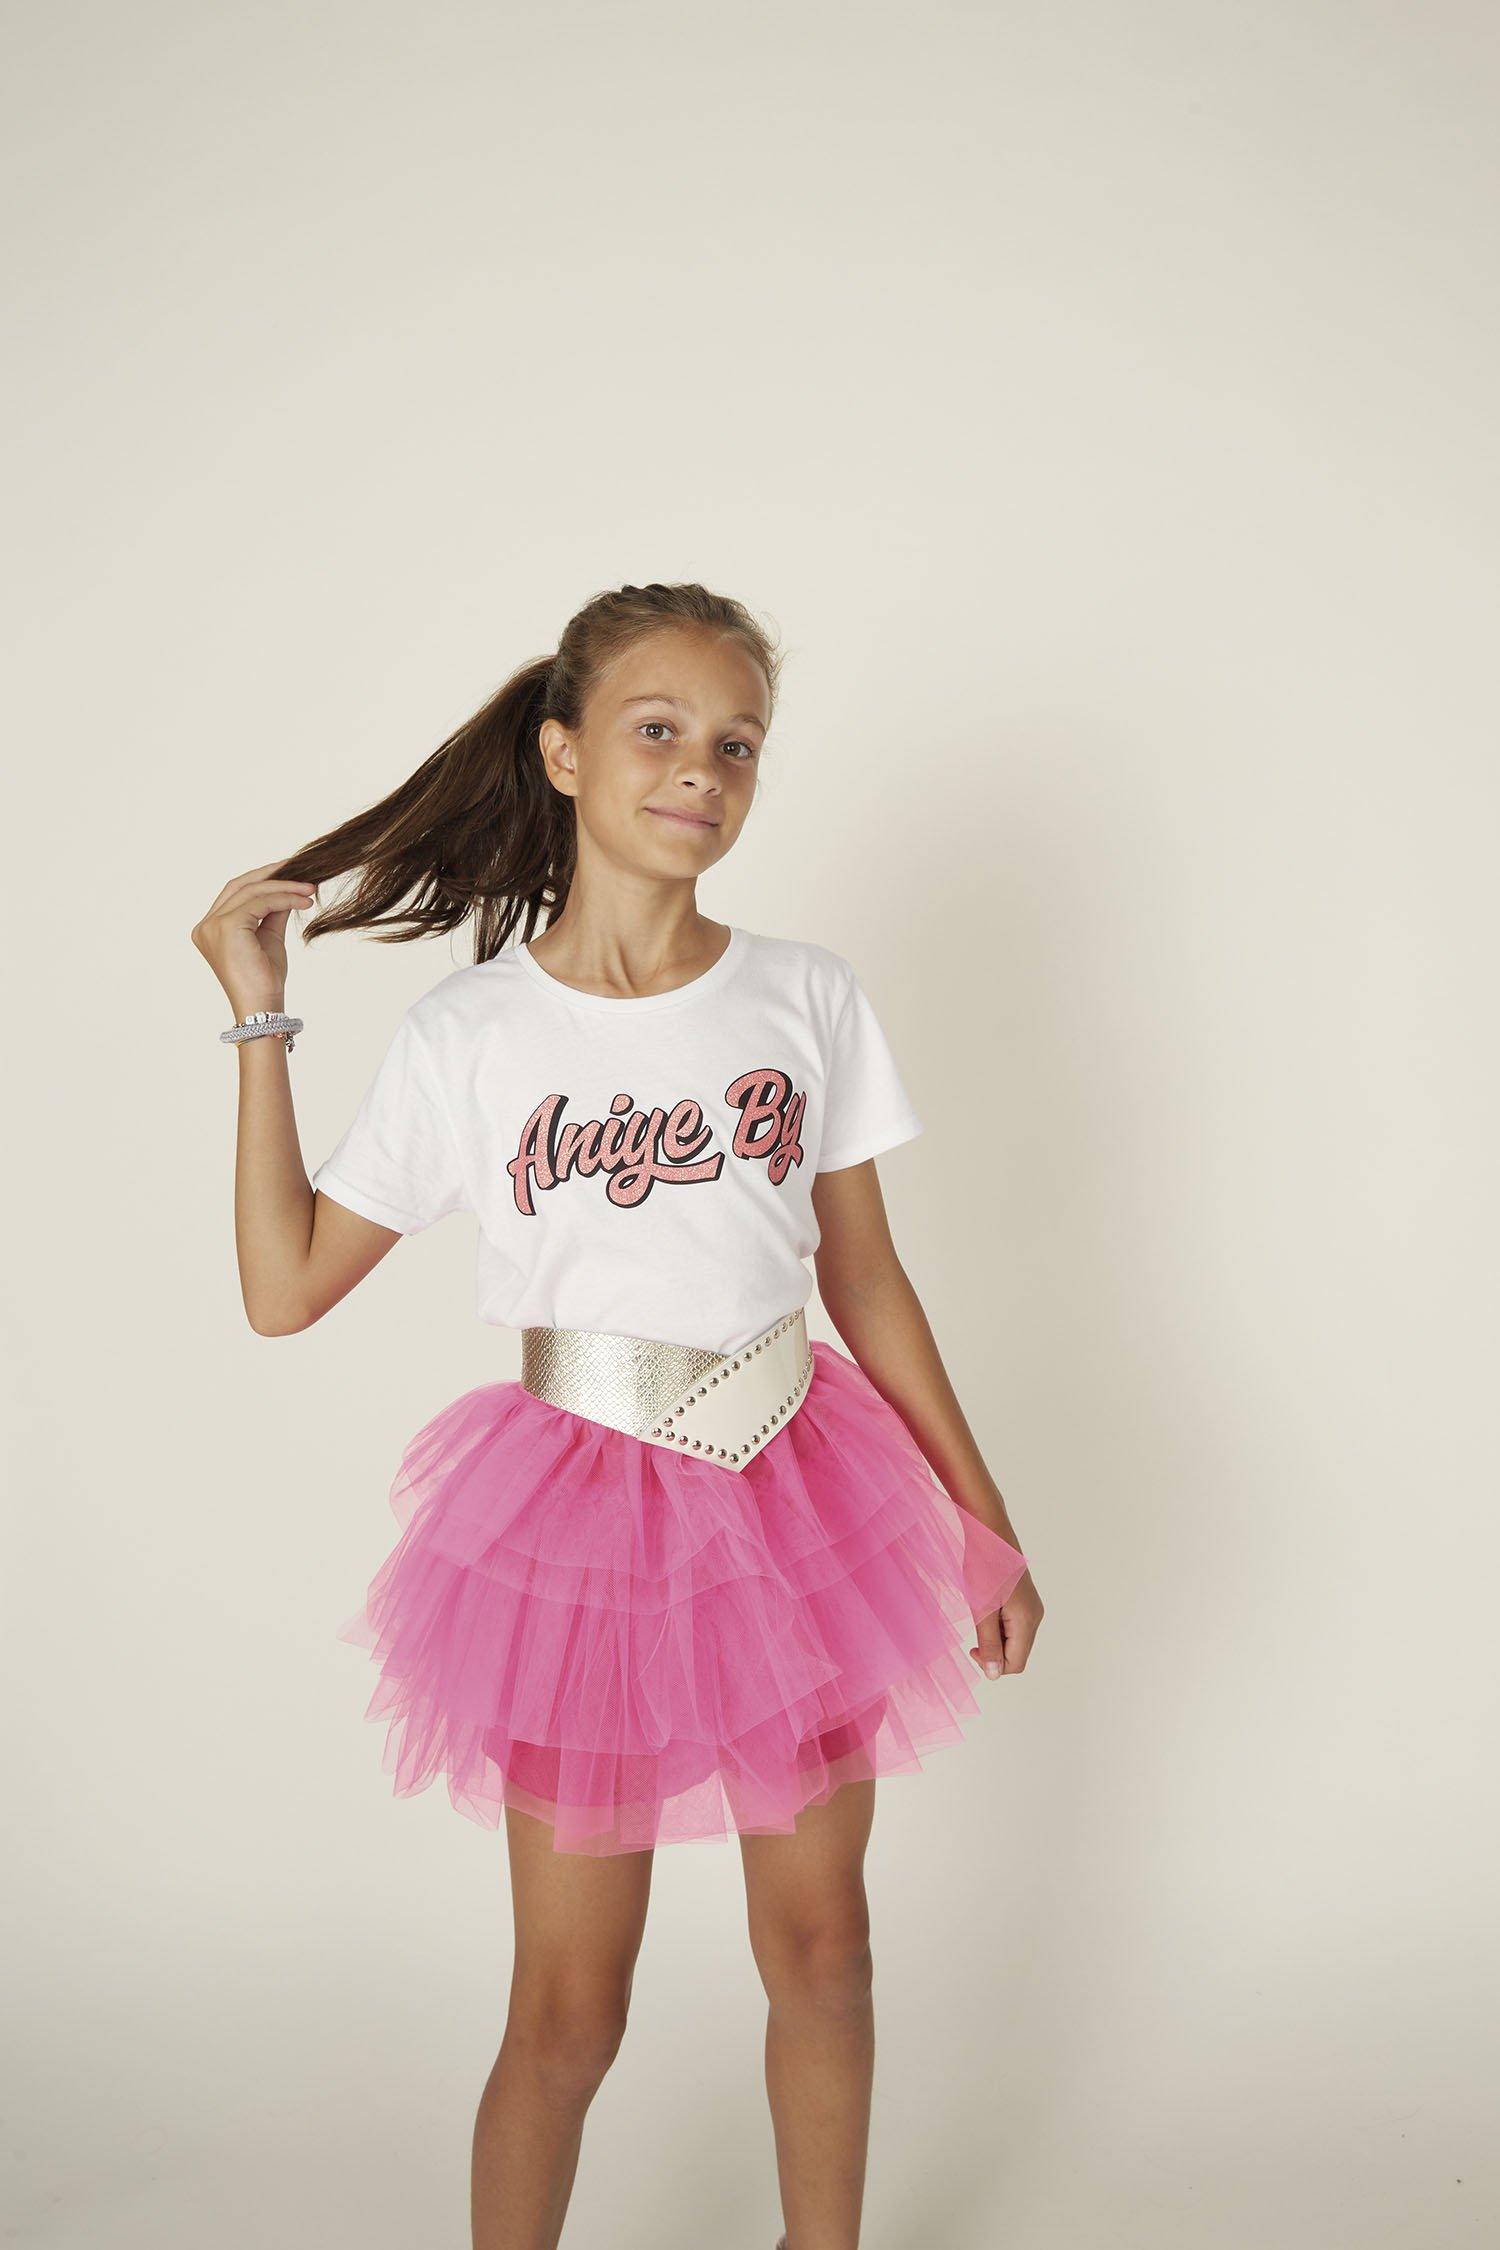 MINI NINA - GIRL